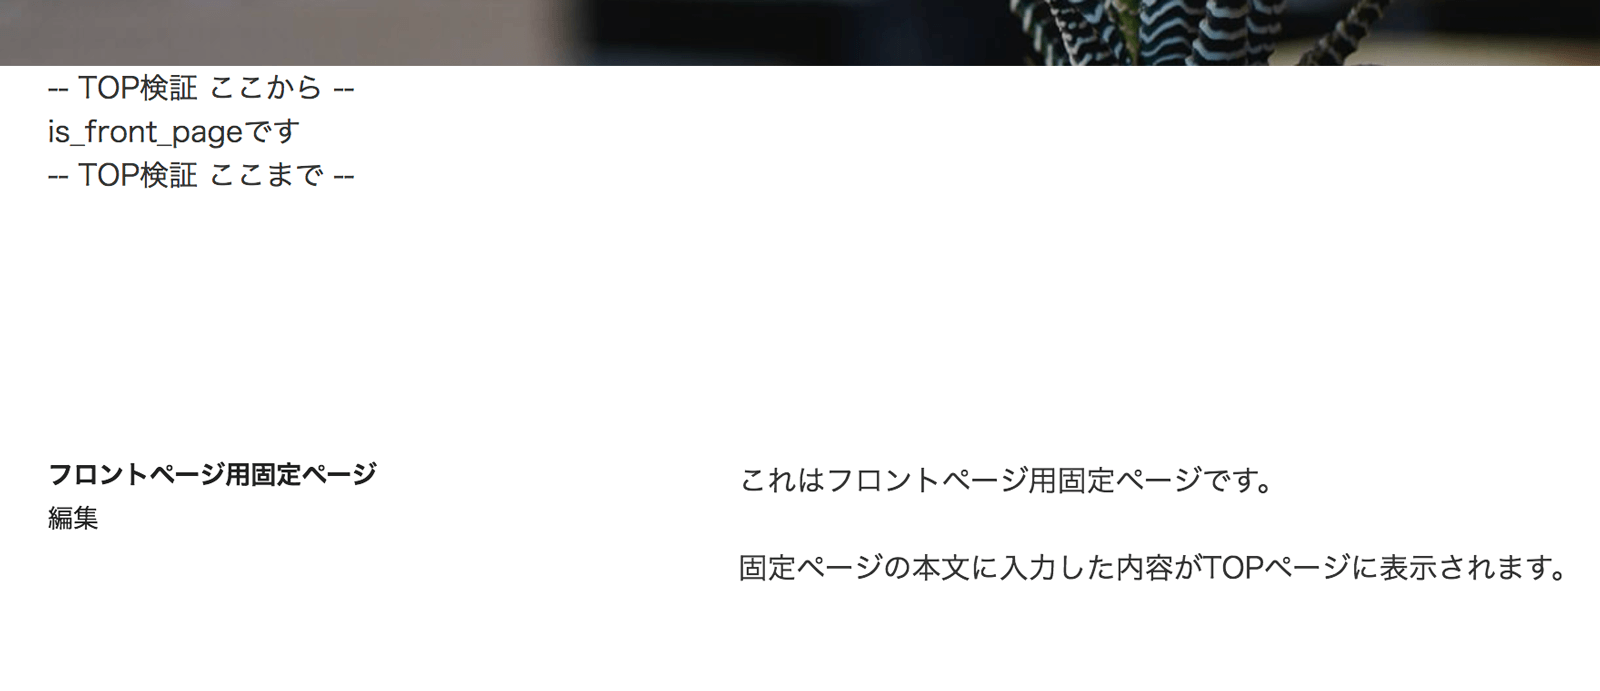 フロントページとして固定ページが選べれている場合はis_front_pageだけがtrueになります